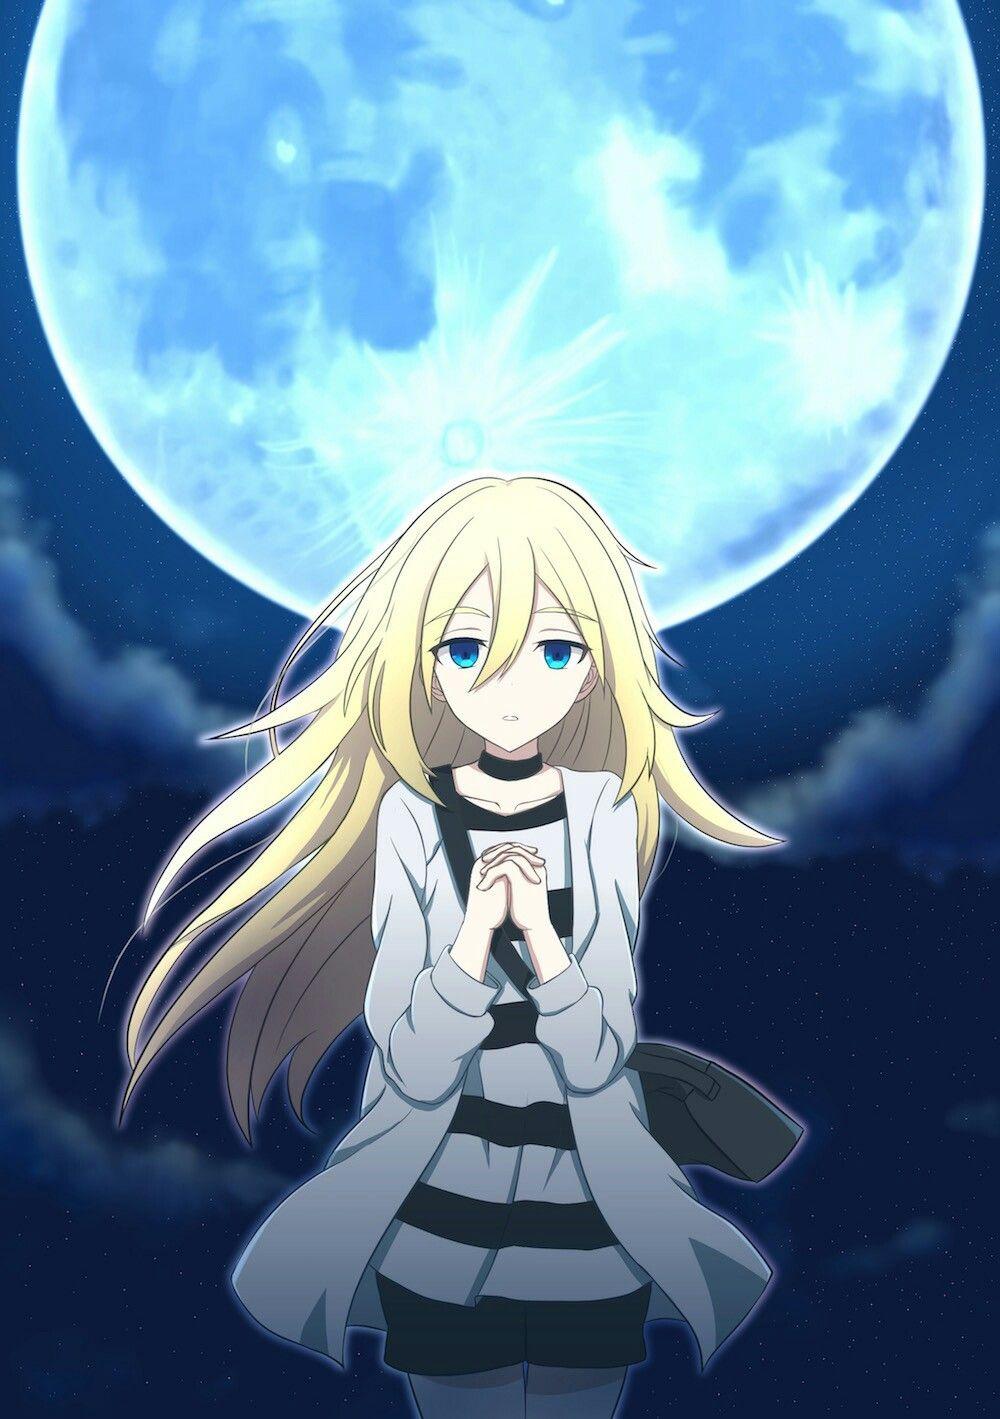 Pin De Nidar Em Angels Of Death Satsuriku No Tenshi Casais Bonitos De Anime Imagem De Anime